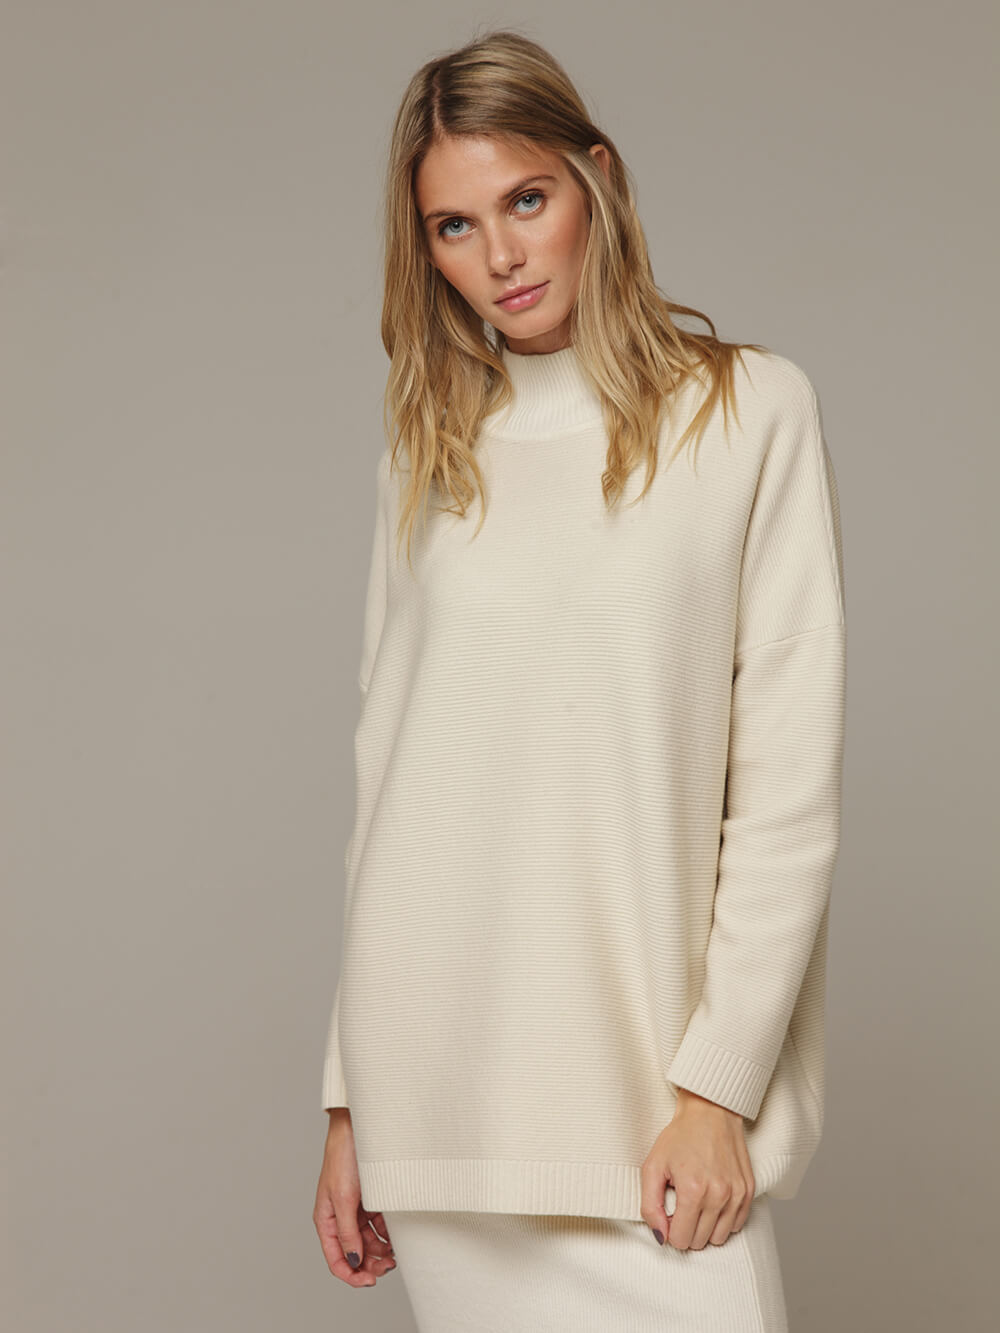 Женский белый джемпер свободного кроя из шерсти и кашемира - фото 1